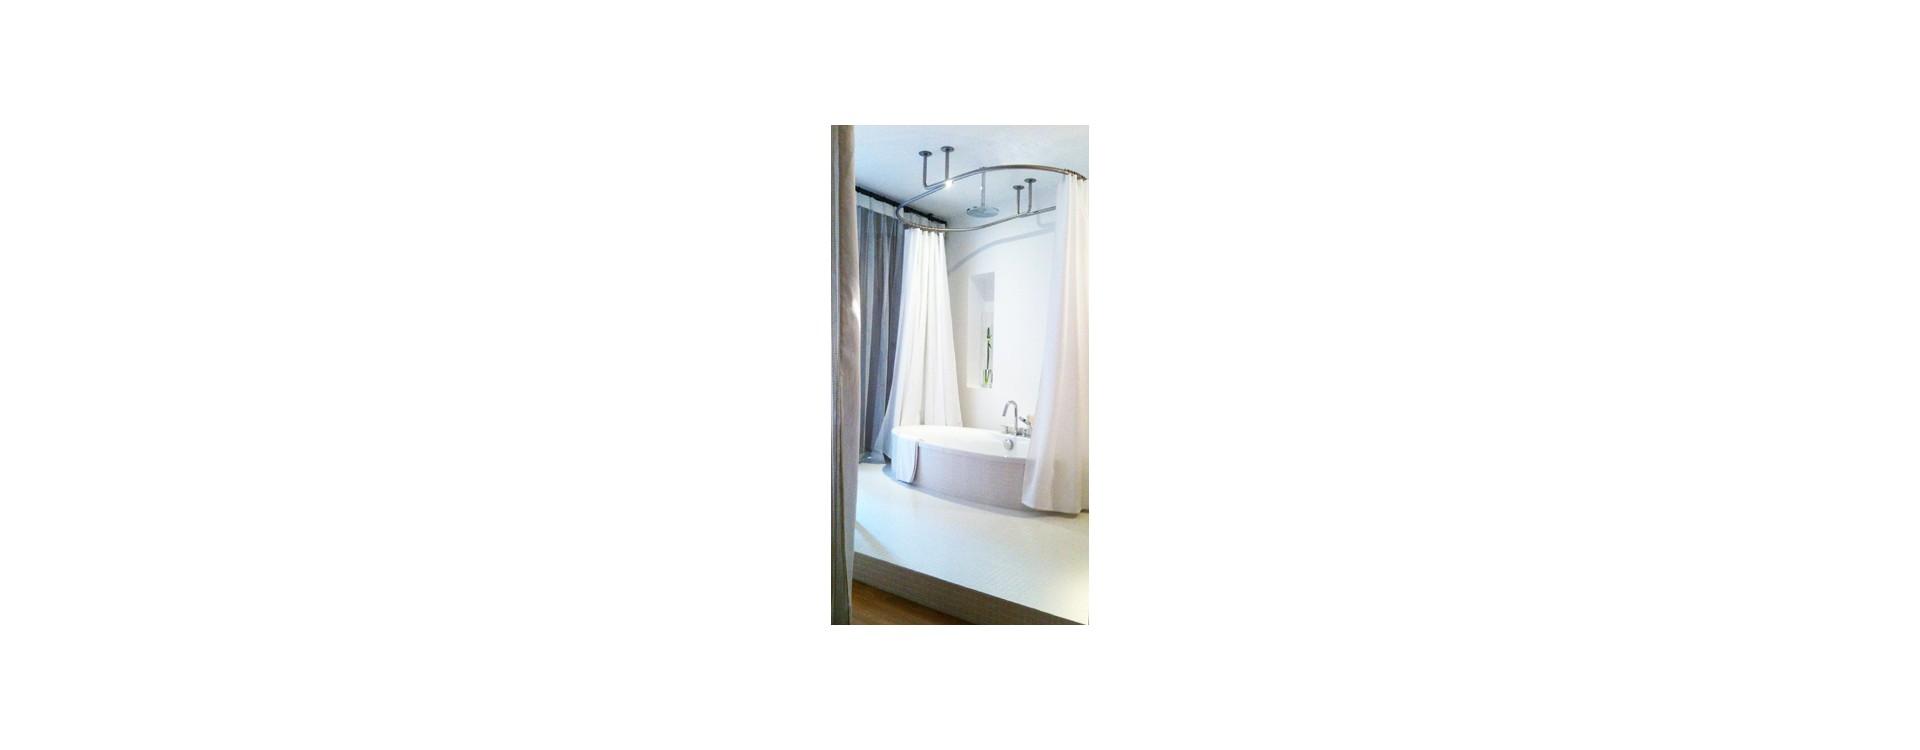 A l'hôtel de la Maison Troisgros, GalboBain habille la baignoire Presqu'île de Jacob Delafon